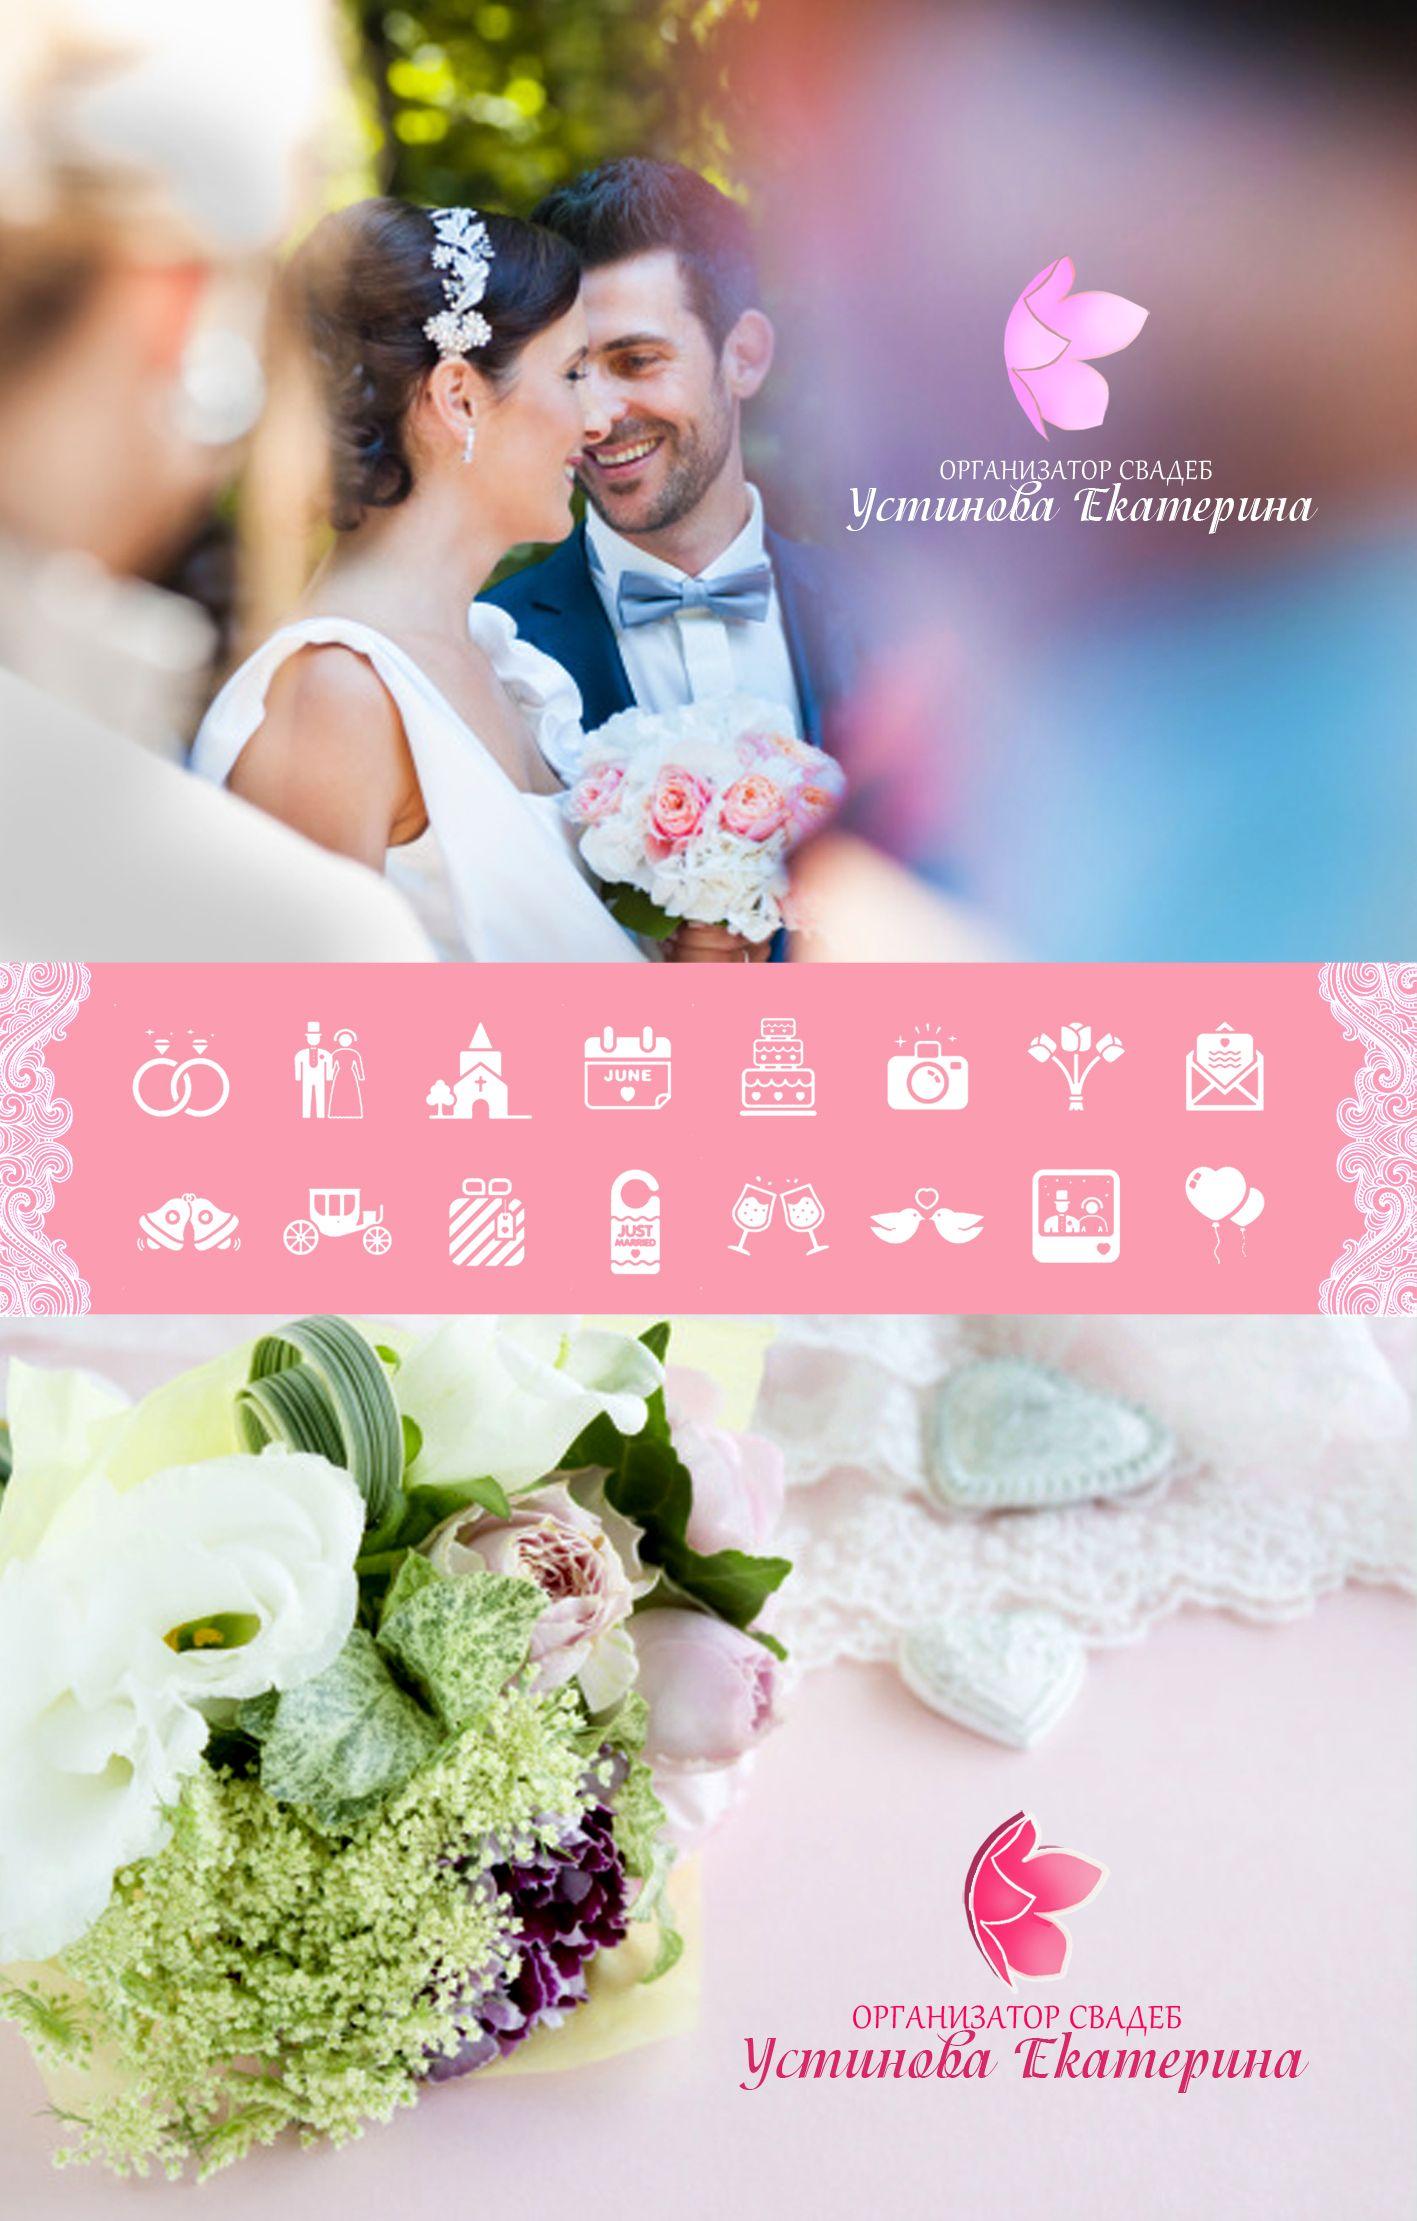 Стиль для свадебного агентства - дизайнер Maz